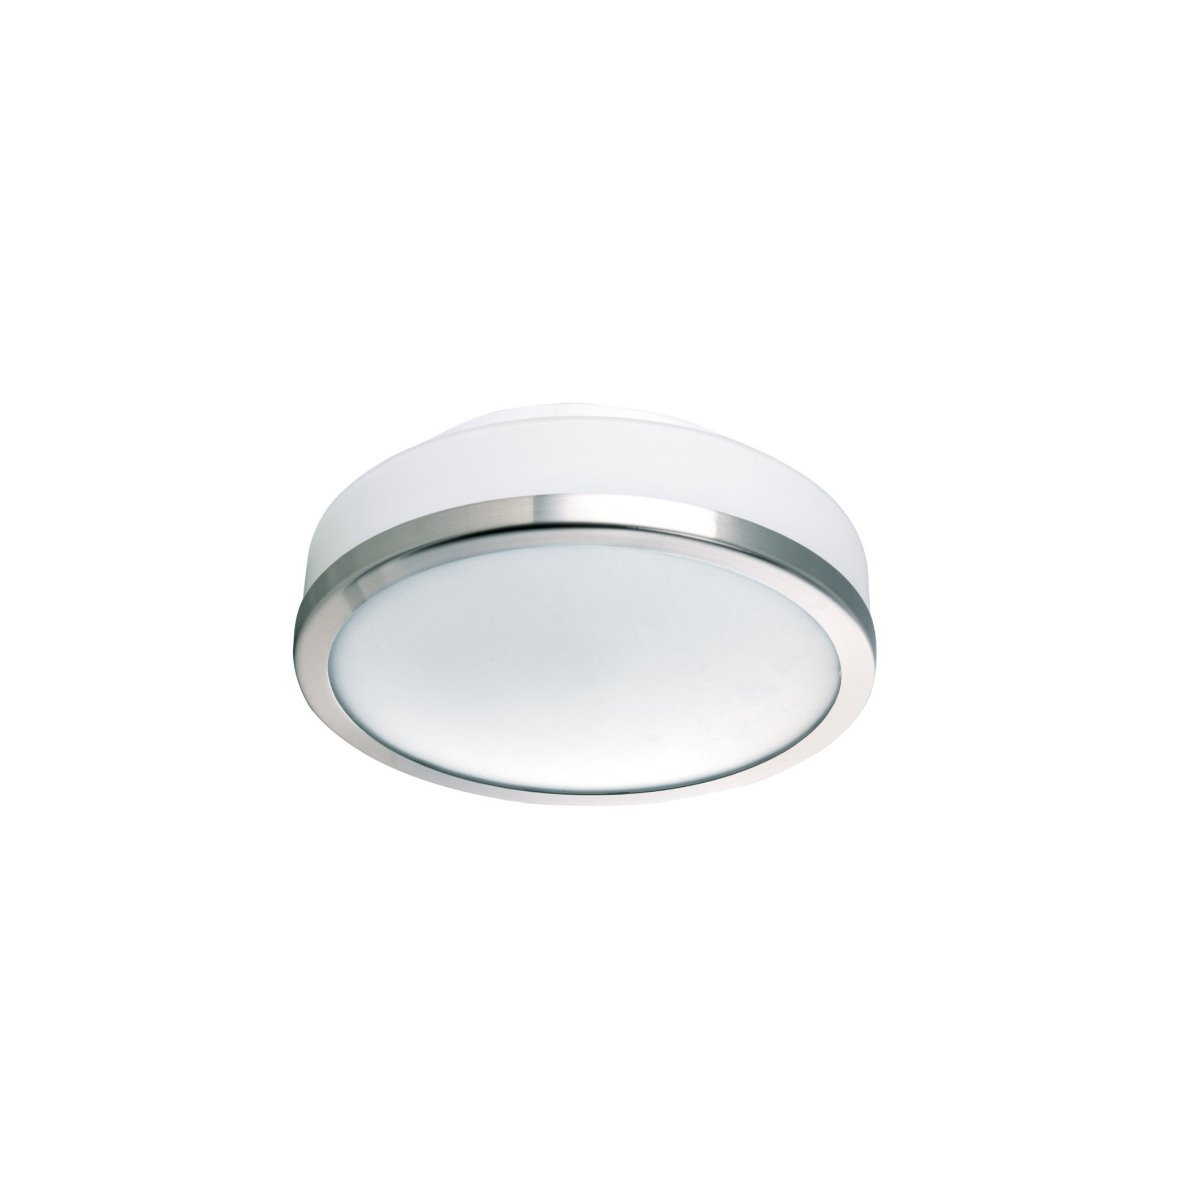 deckenlampe deckenleuchte feuchtraum aussen au en bad wc. Black Bedroom Furniture Sets. Home Design Ideas